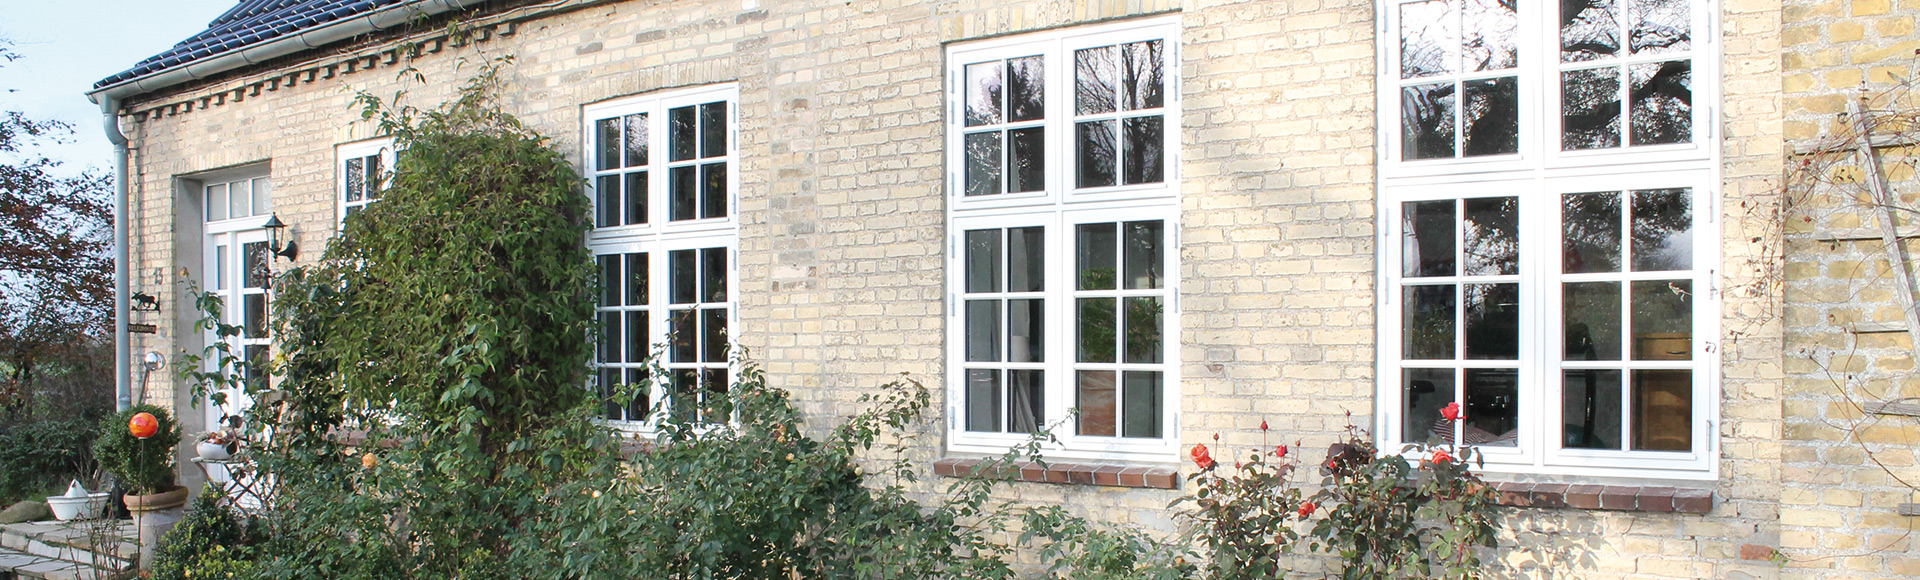 Full Size of Holz Alu Fenster Haustren Gnstig Kaufen Sparfenster Jalousien Ebay Sonnenschutz Welten Insektenschutz Dreifachverglasung Schüco Preise Schallschutz Veka Fenster Fenster Konfigurieren